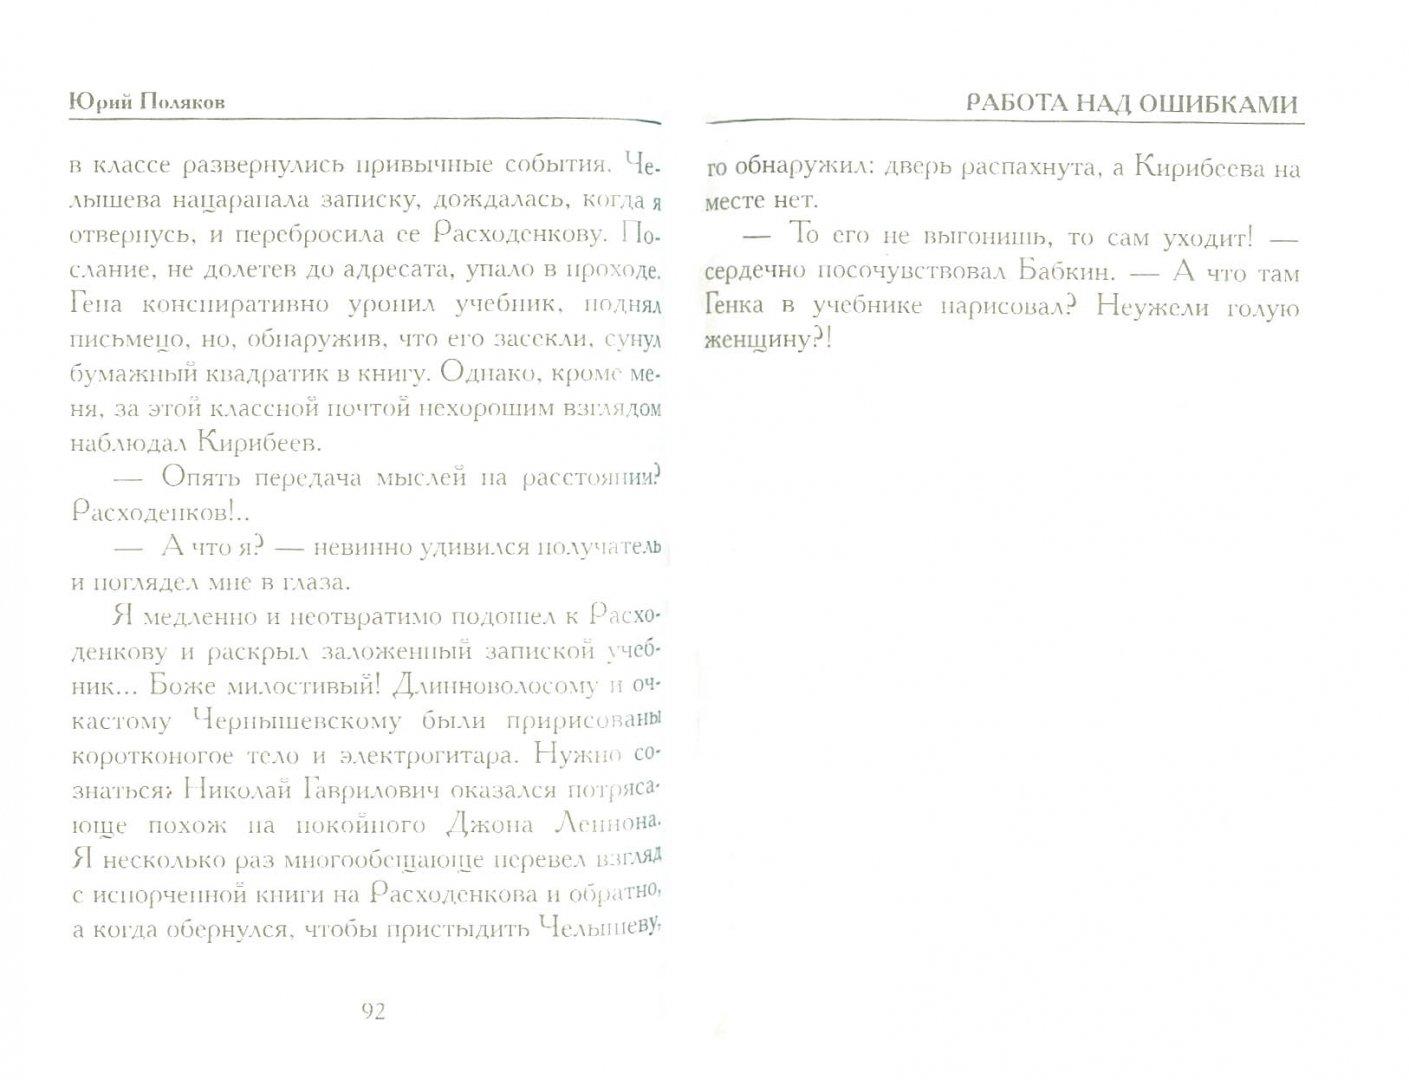 Иллюстрация 1 из 21 для Работа над ошибками - Юрий Поляков | Лабиринт - книги. Источник: Лабиринт